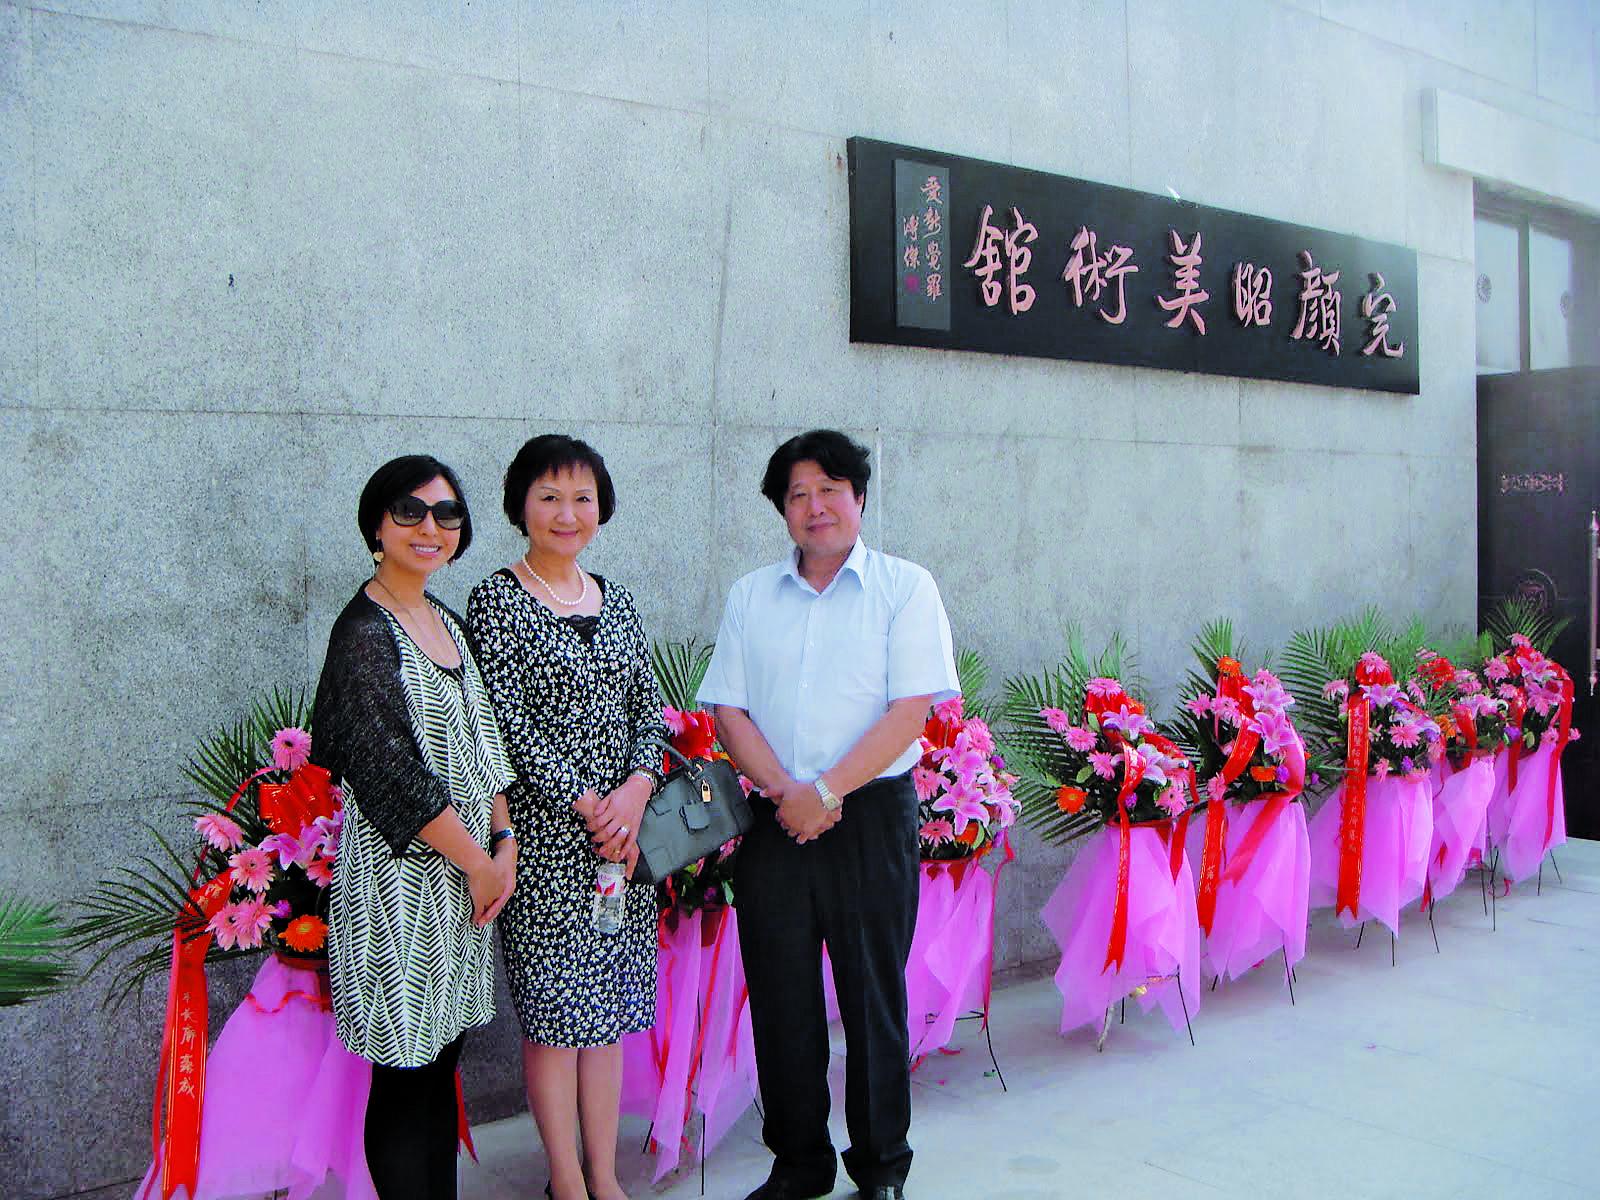 2012年8月中国ハルピンにて 王昭美術館開会式